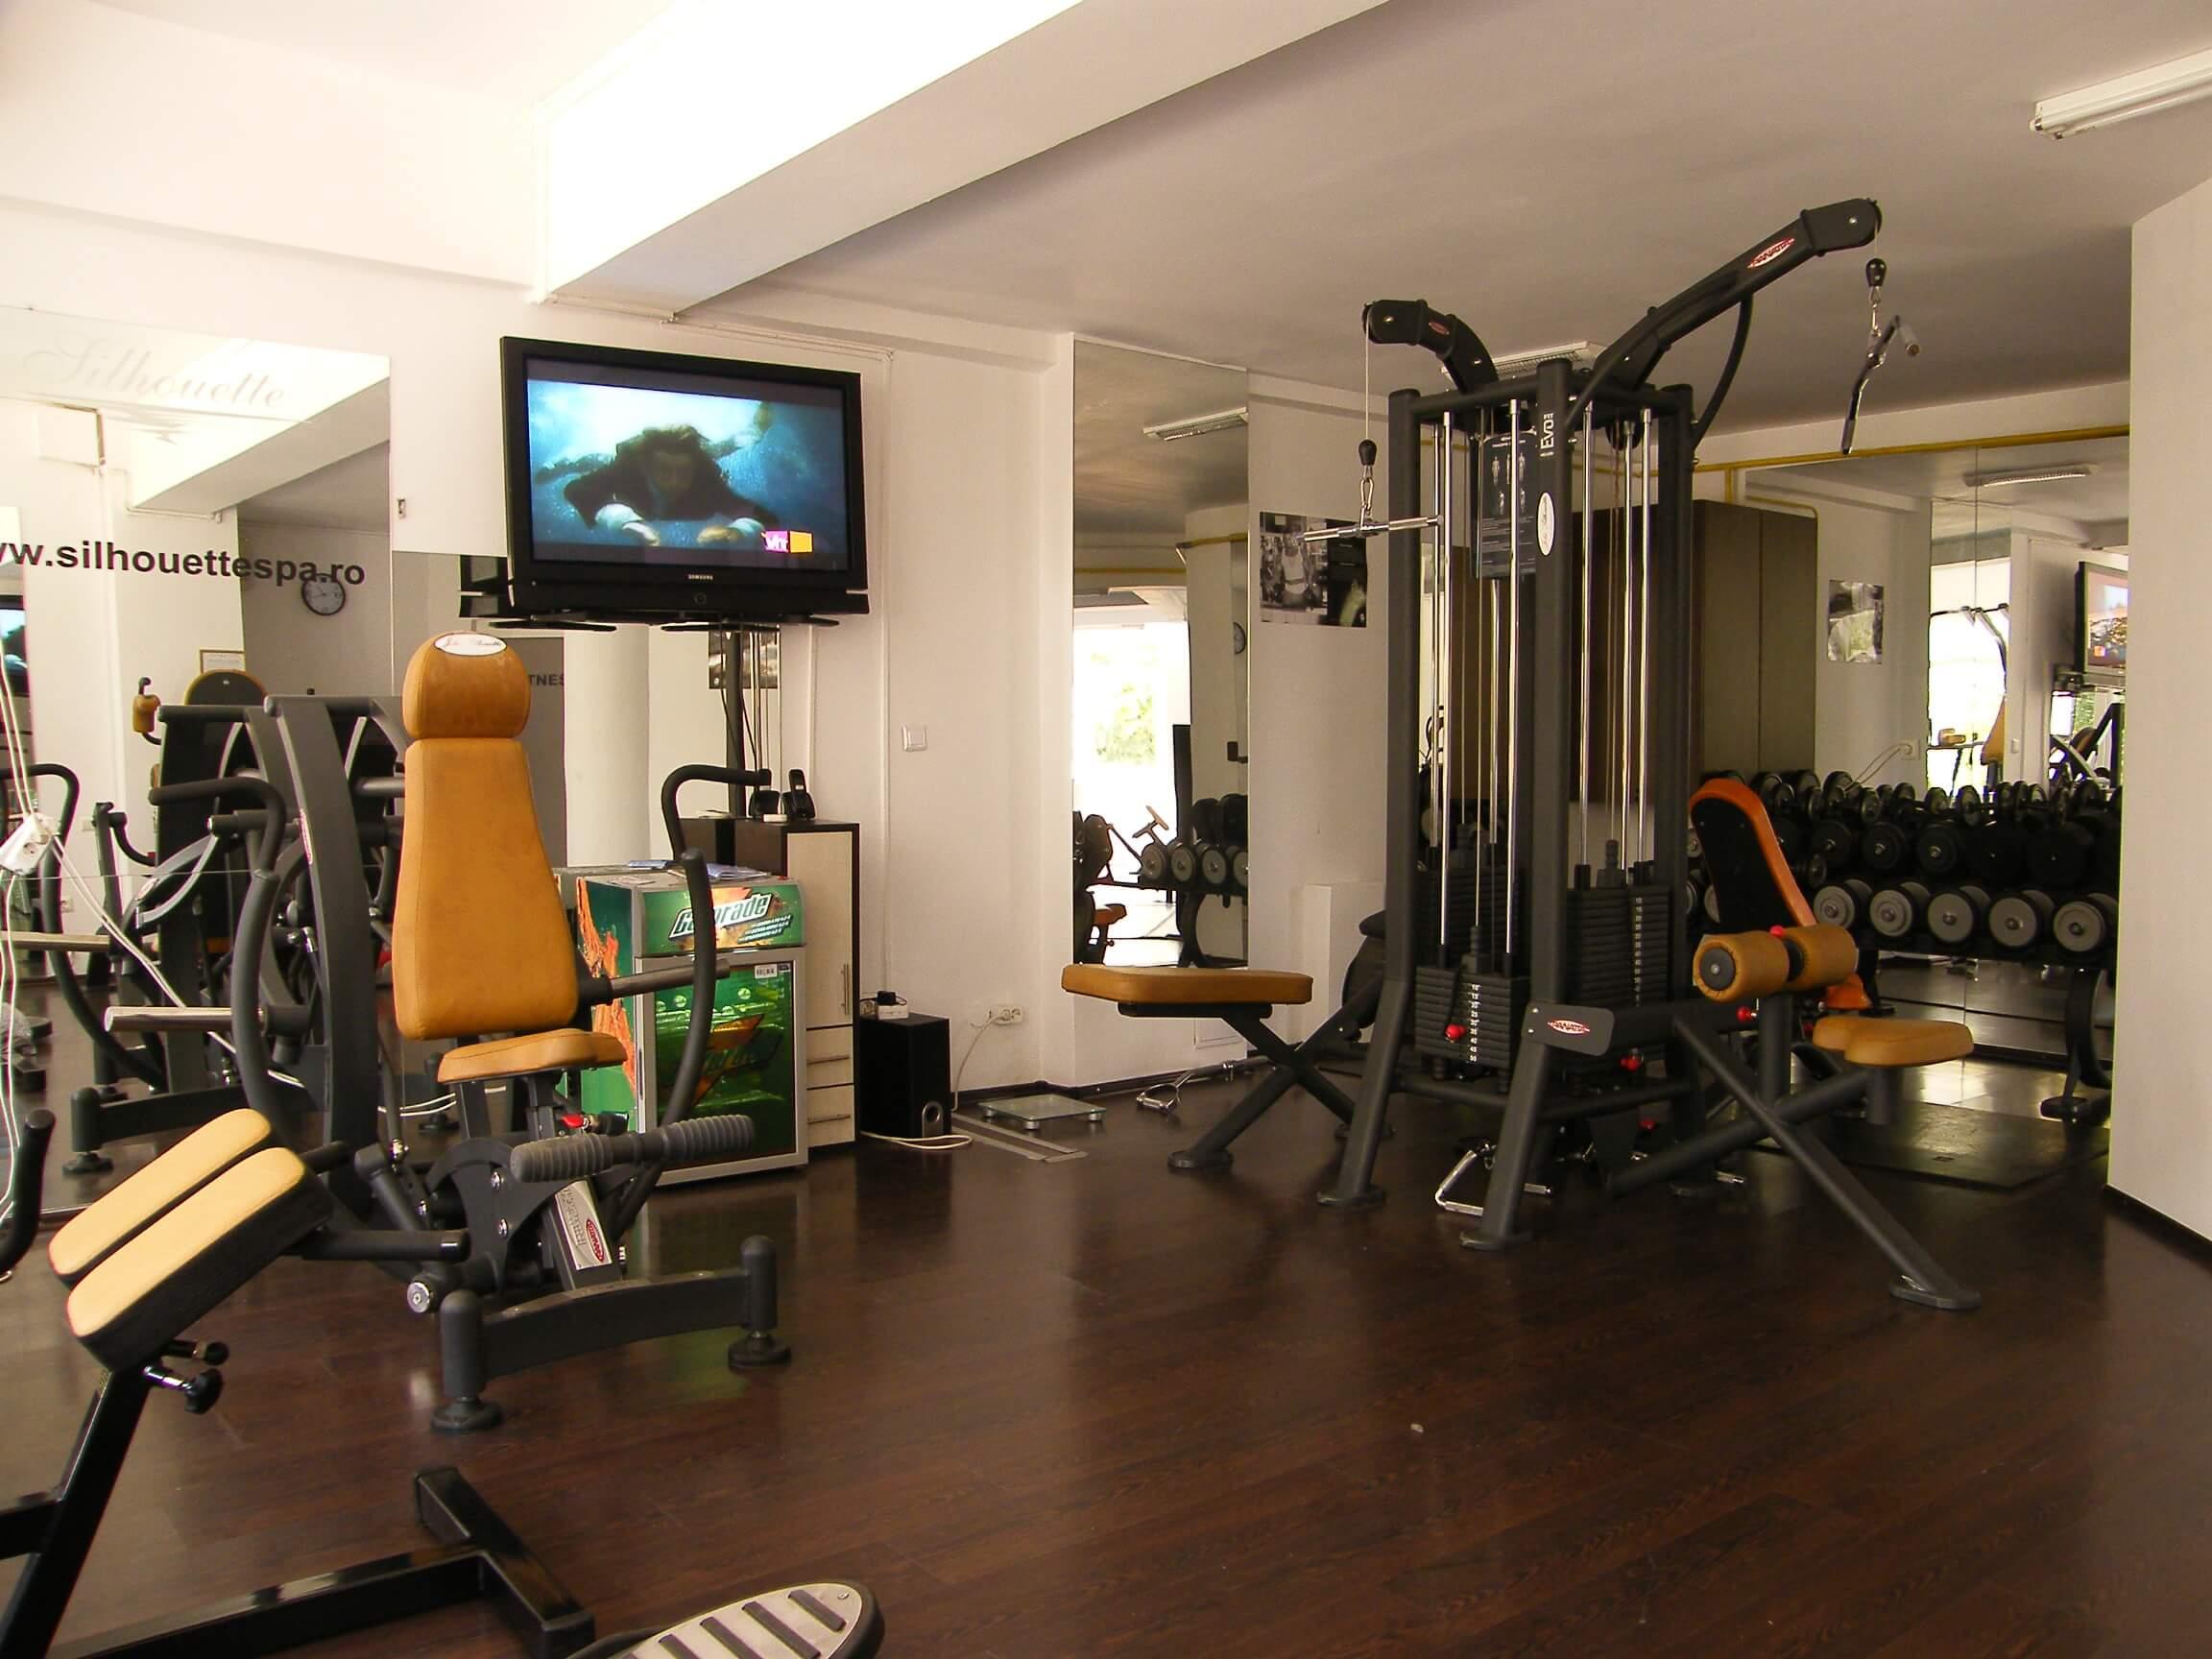 Galerie echipamente fitness 2018 - 13